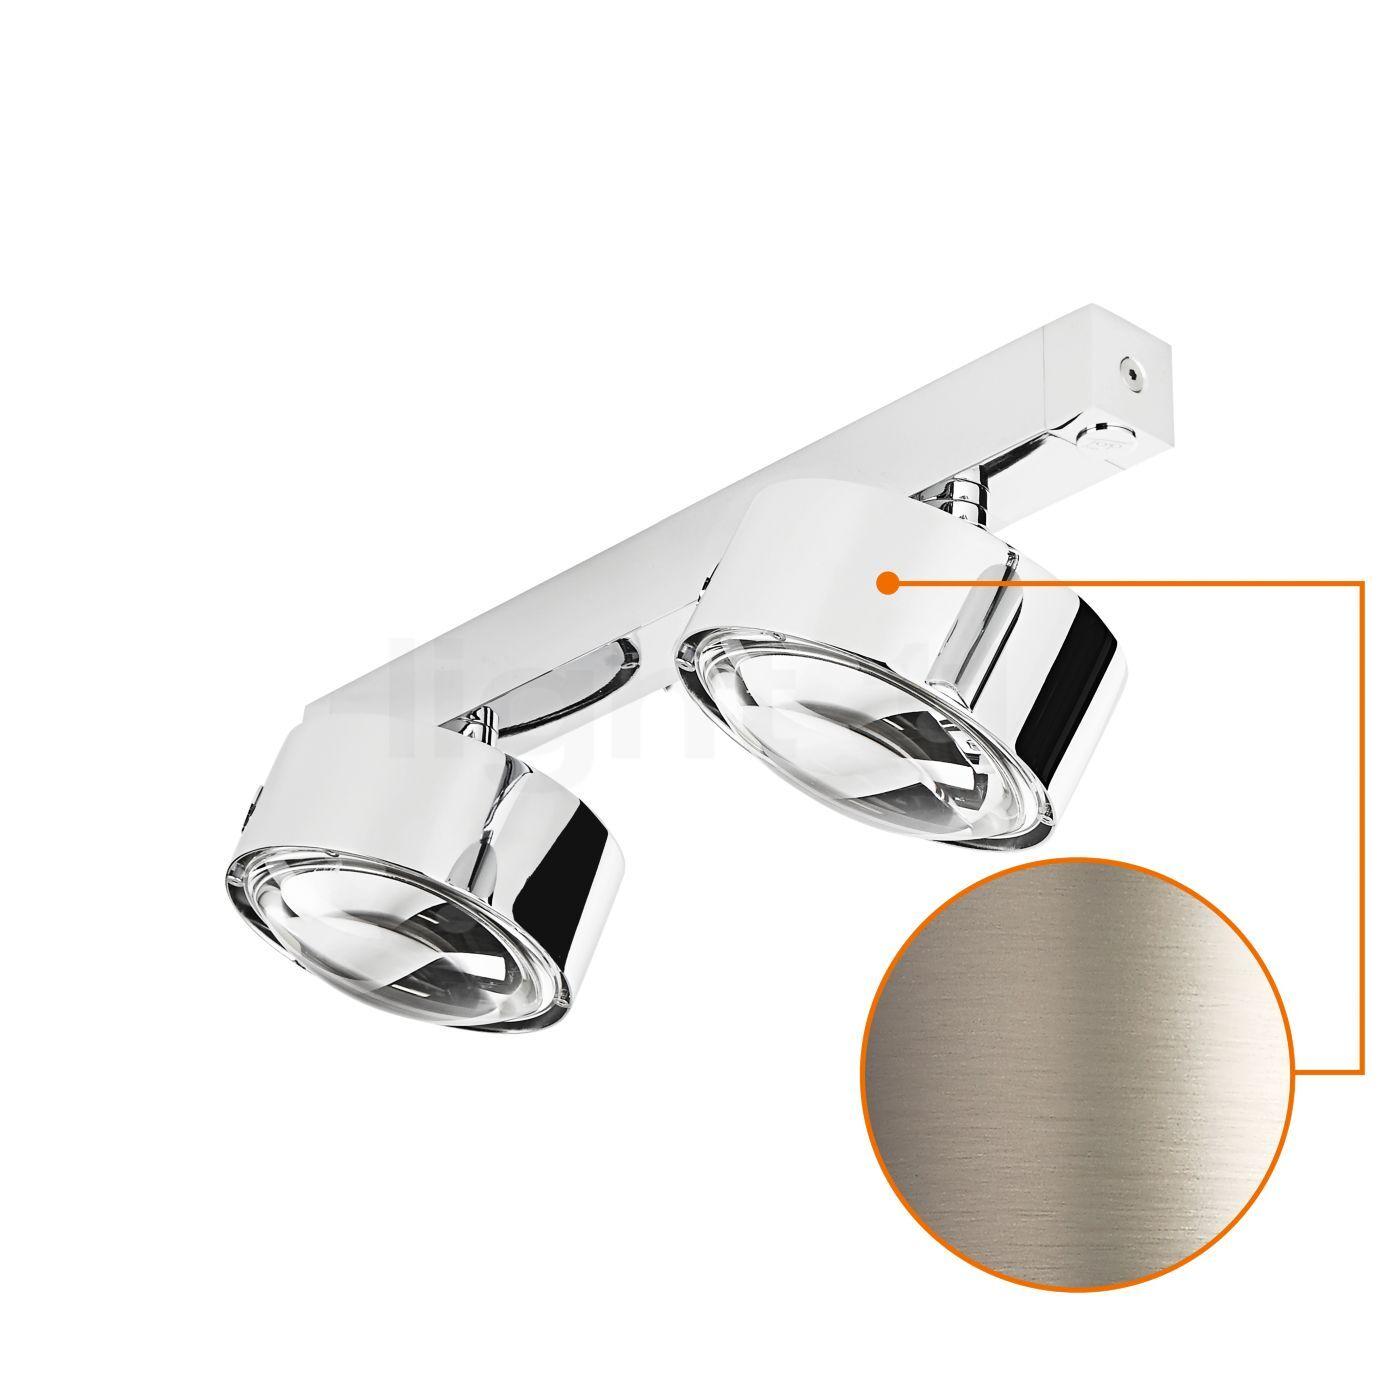 Top Light Puk Maxx Choice Move 45 cm Applique/Plafonnier, nickel mat/lentille claire